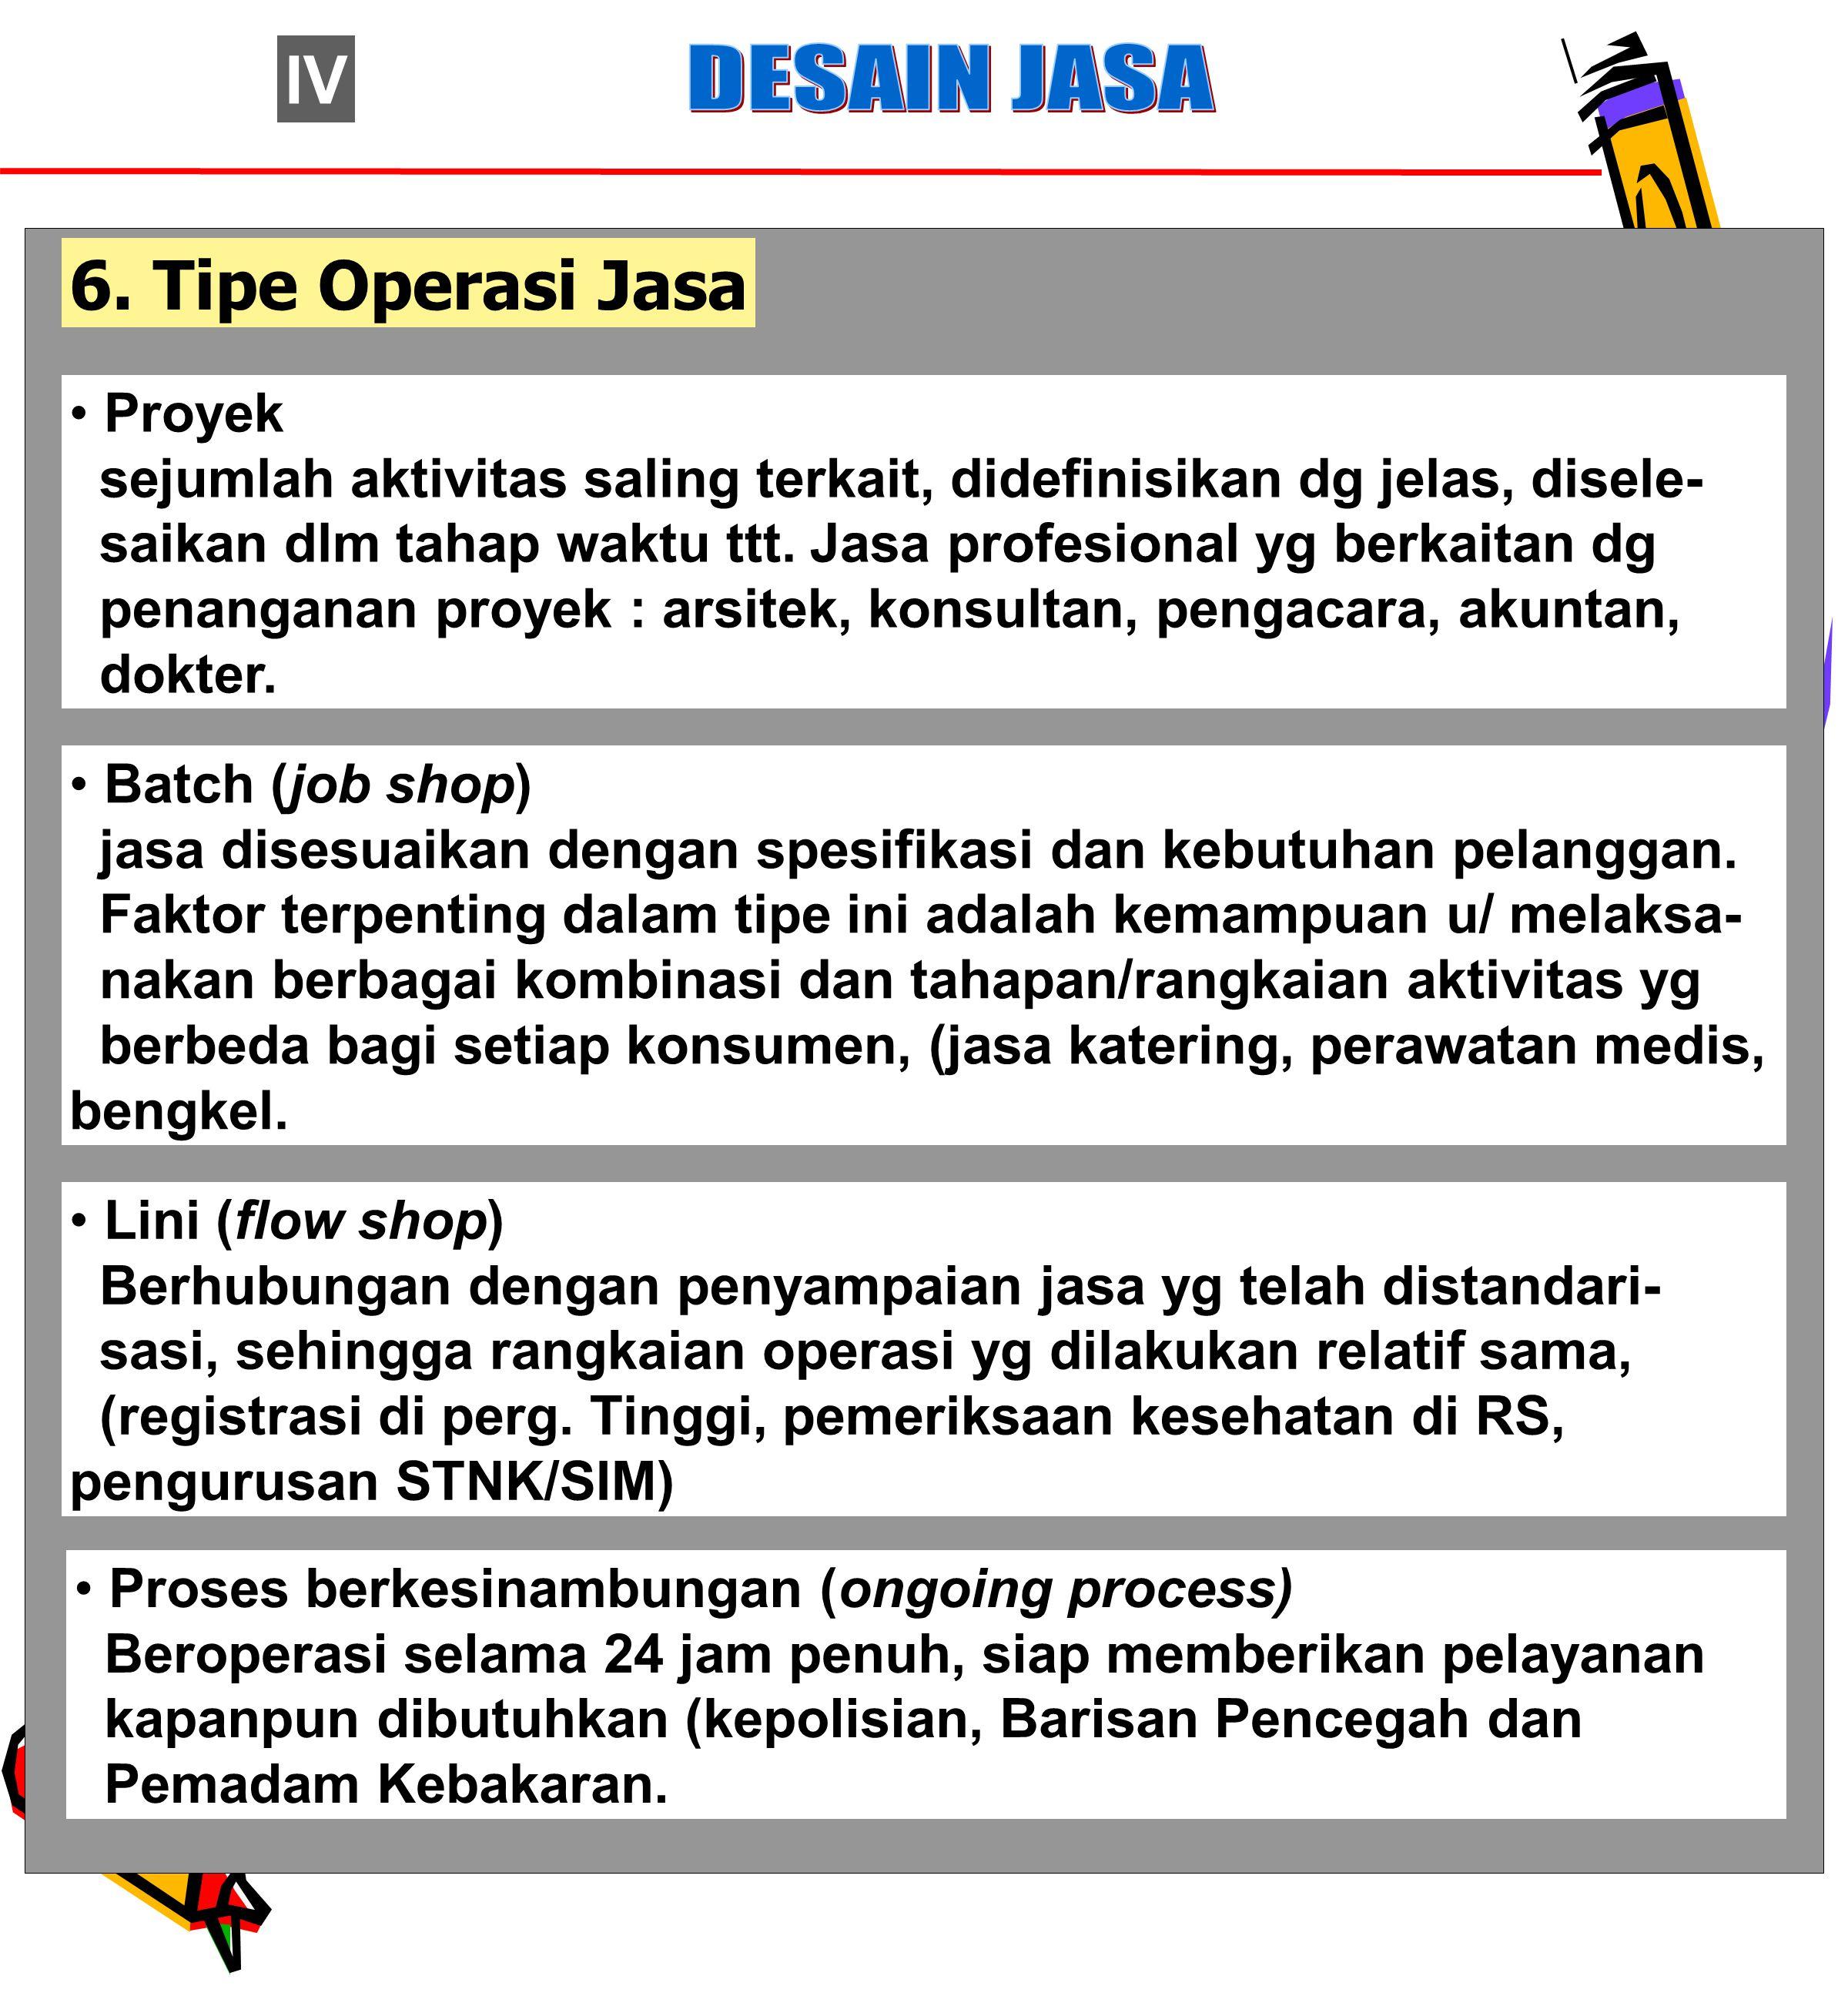 6. Tipe Operasi Jasa IV Proyek